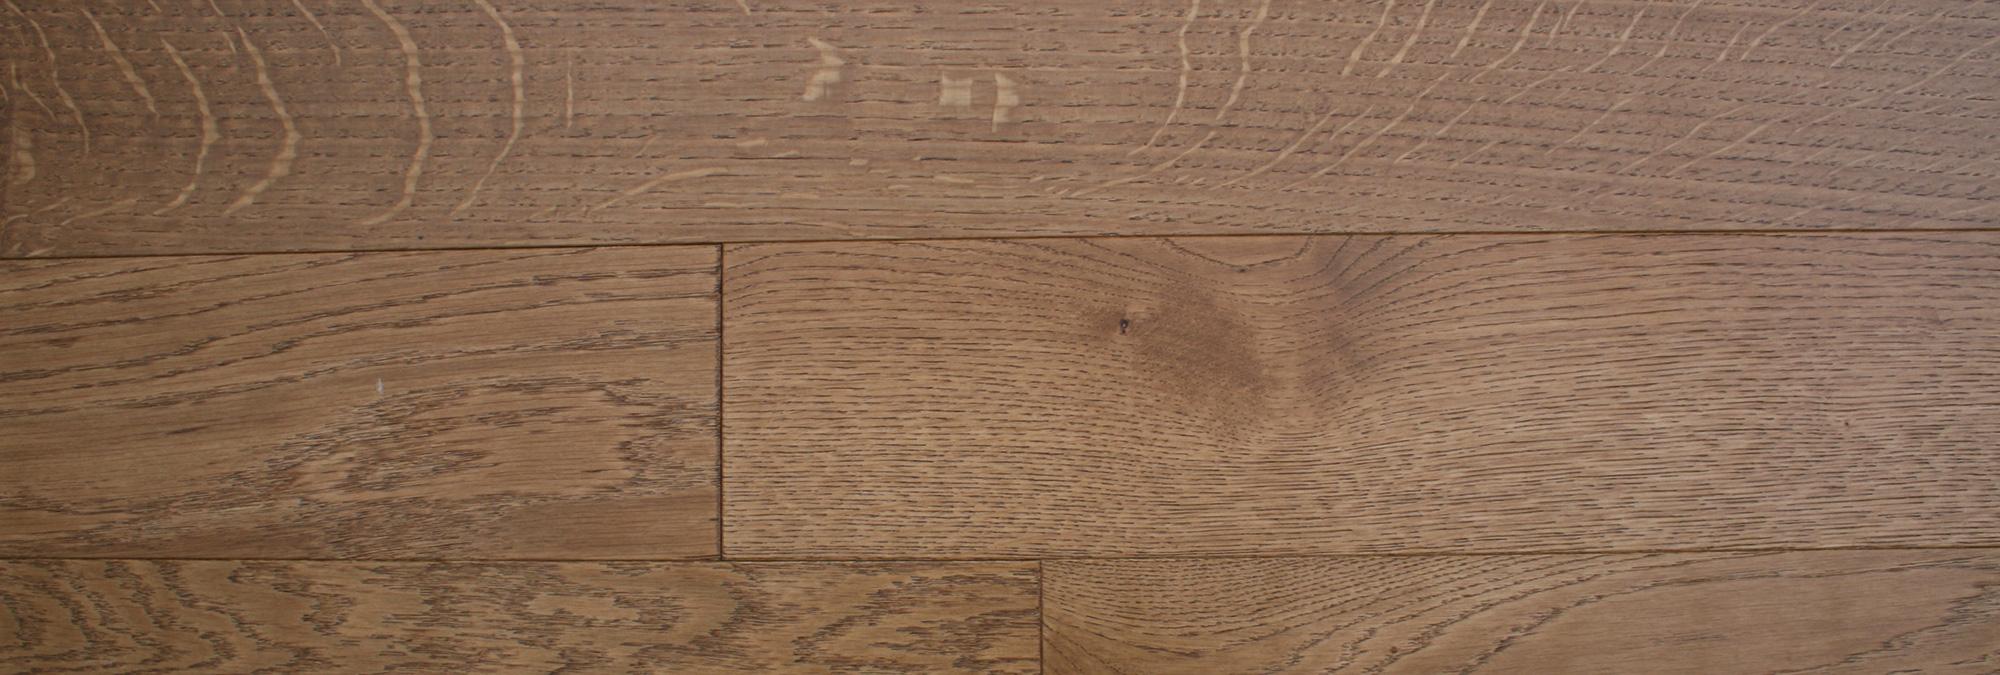 pavimenti in legno Rovere